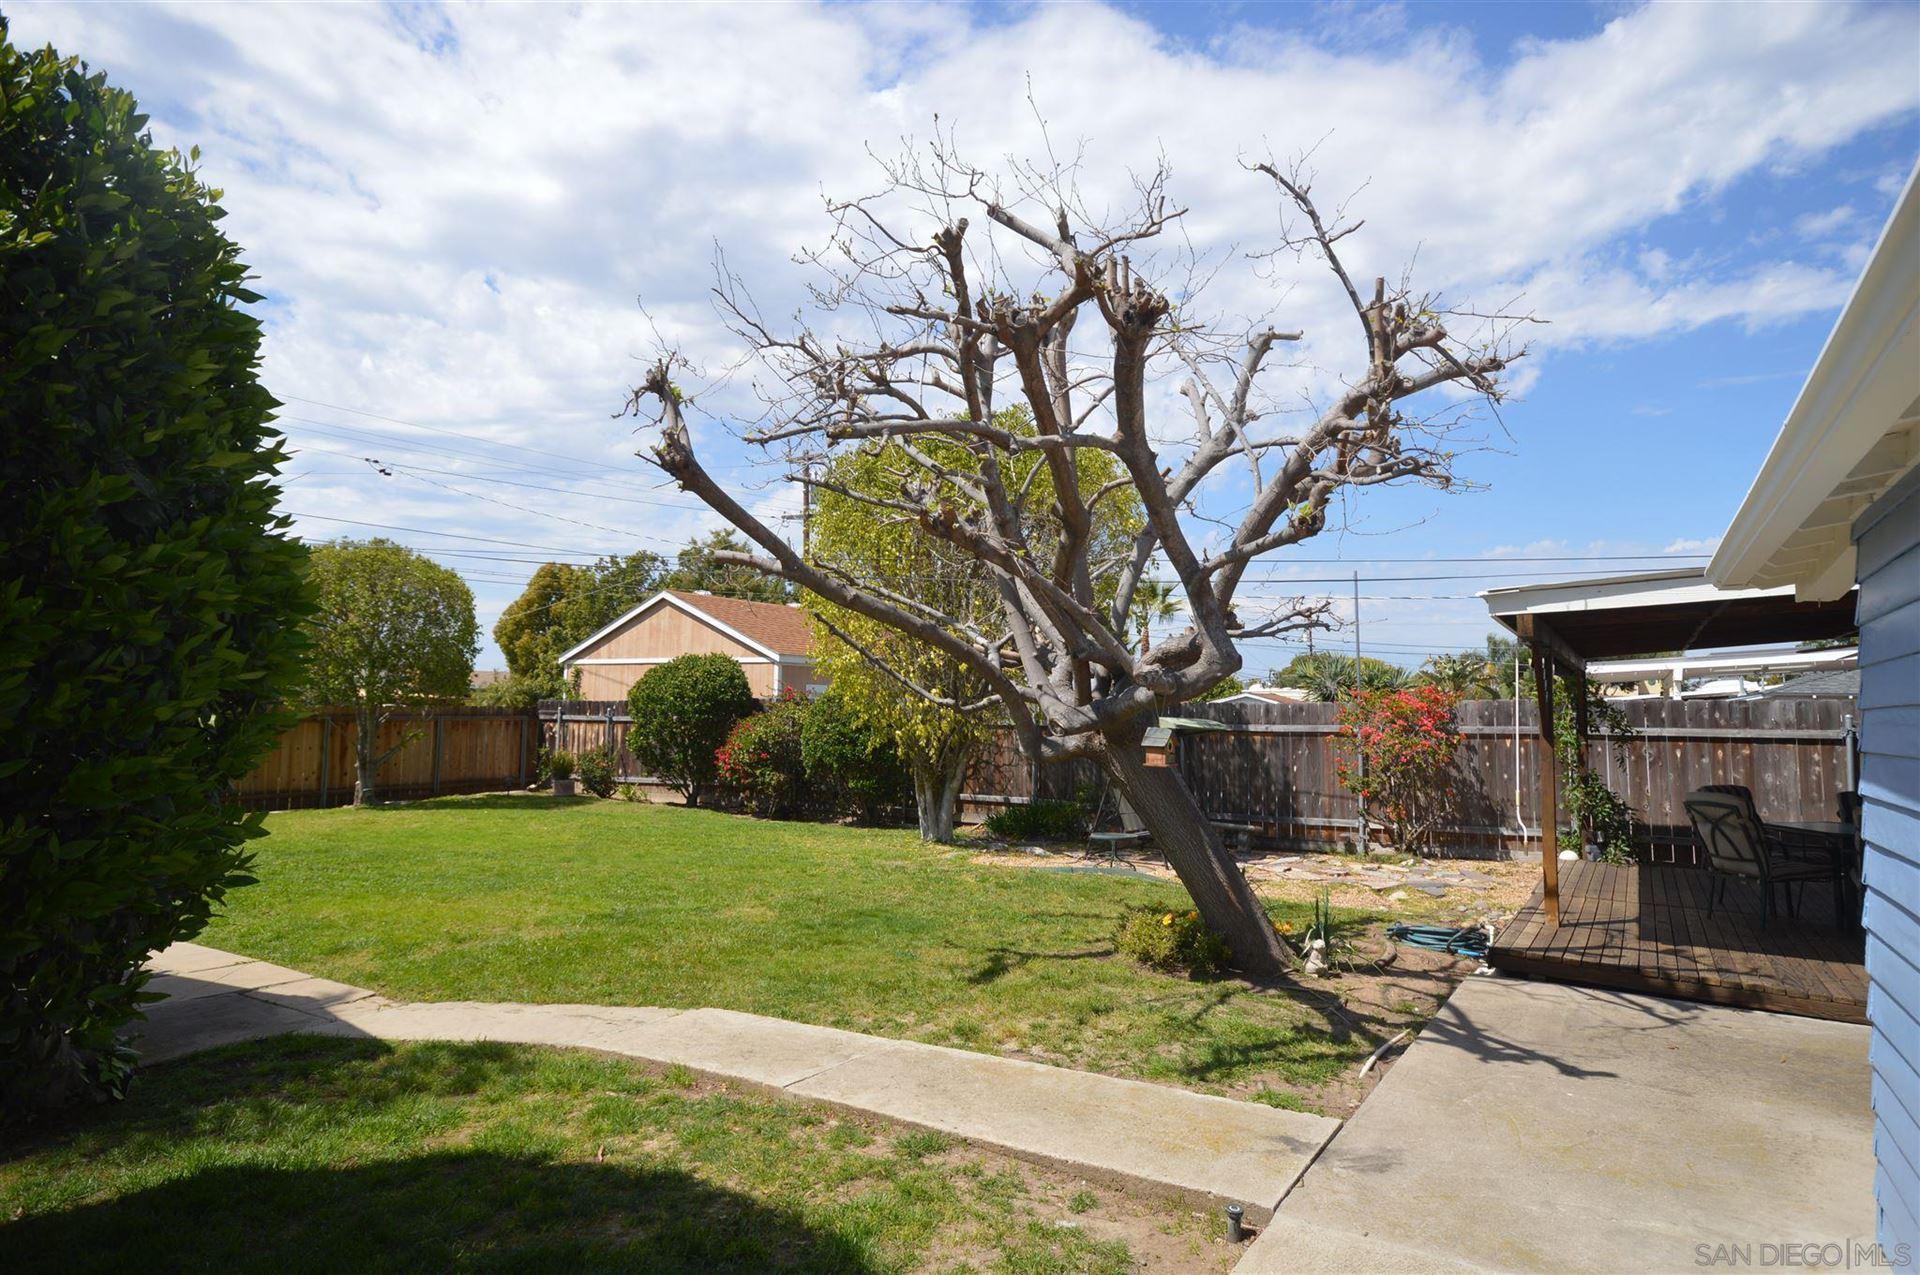 Photo of 4032 Violet St, La Mesa, CA 91941 (MLS # 210008473)